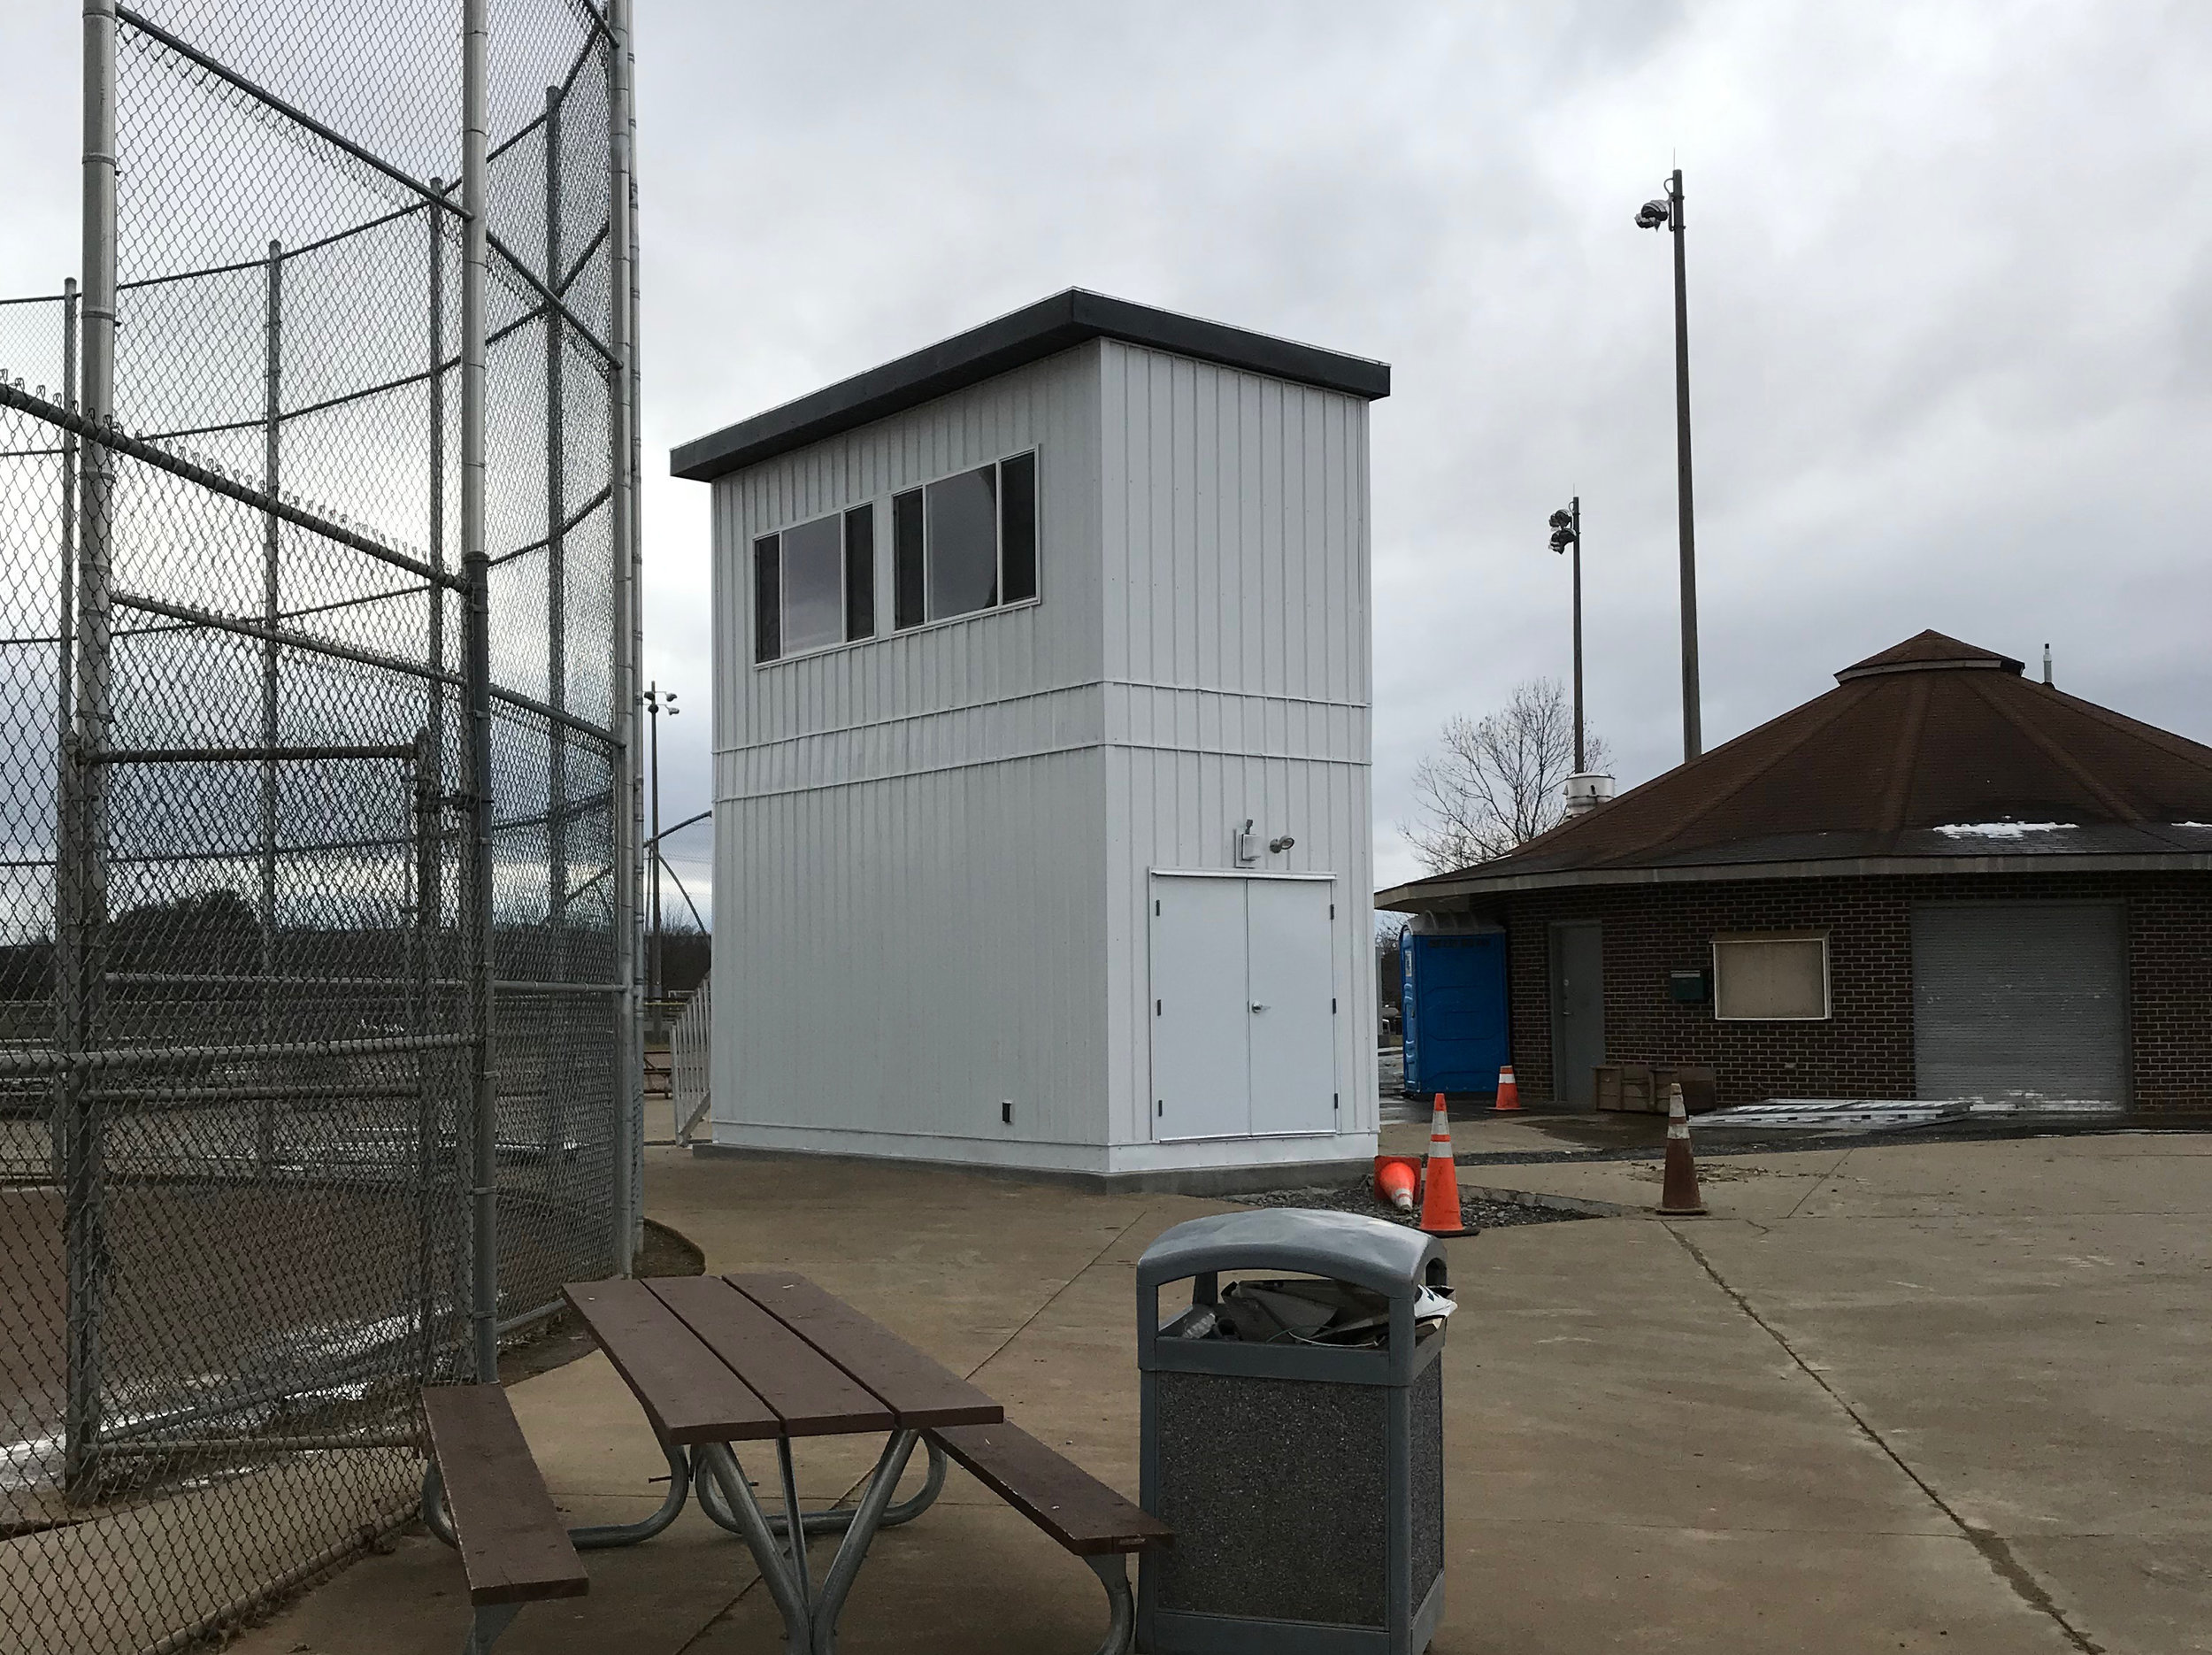 APB Ground Game™ 2-Story Press Box, Virginia